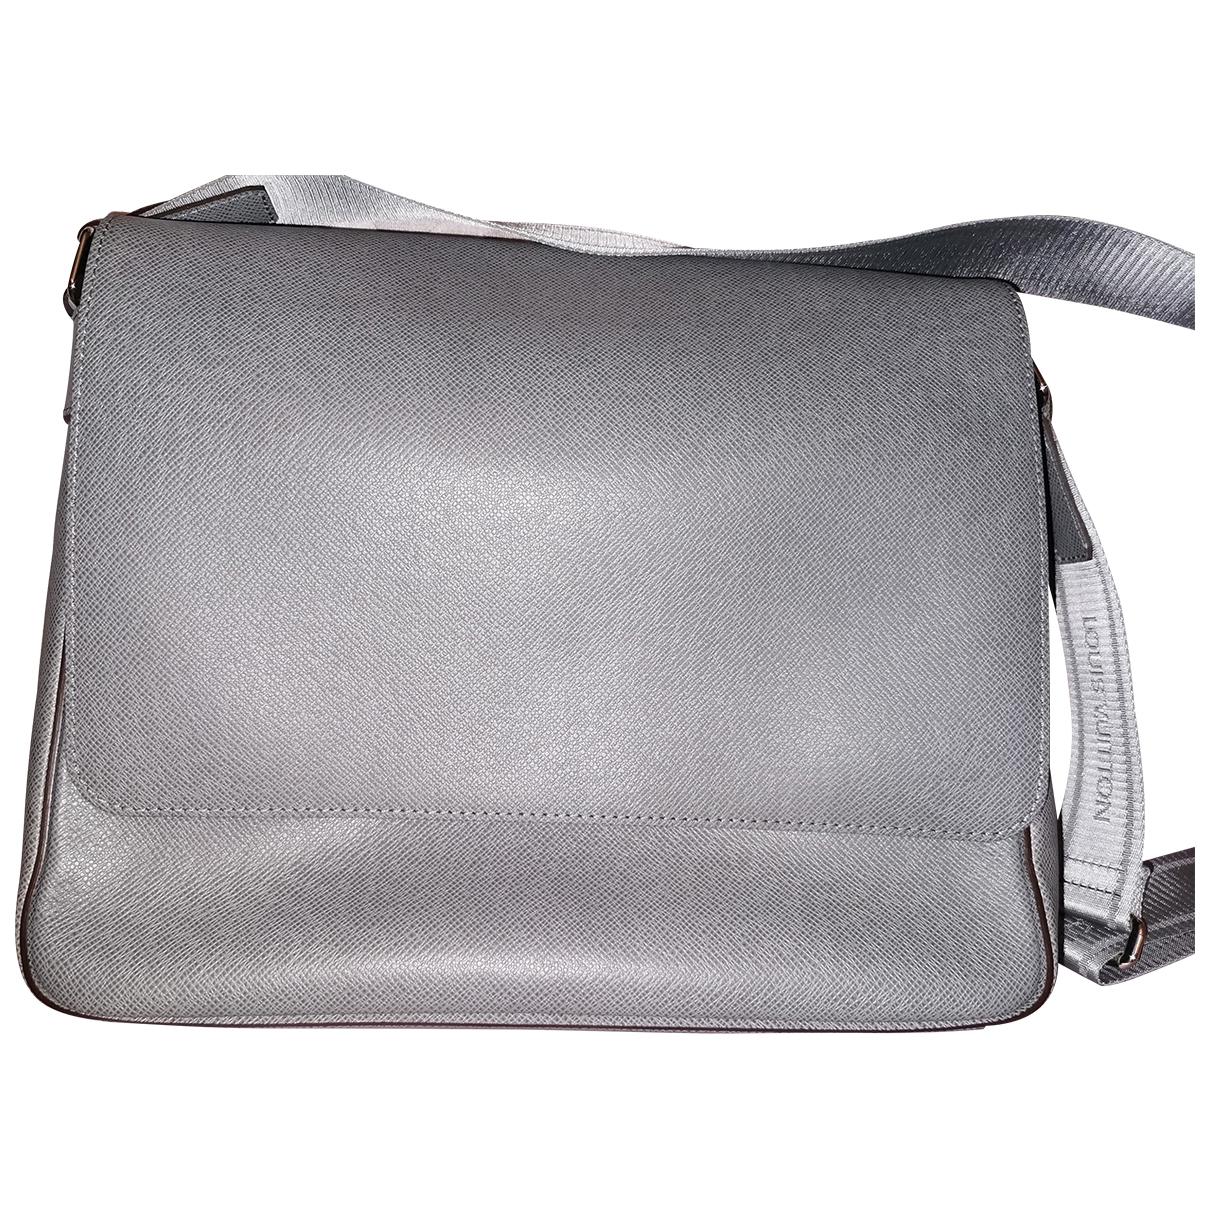 Louis Vuitton - Sac Roman pour homme en cuir - gris